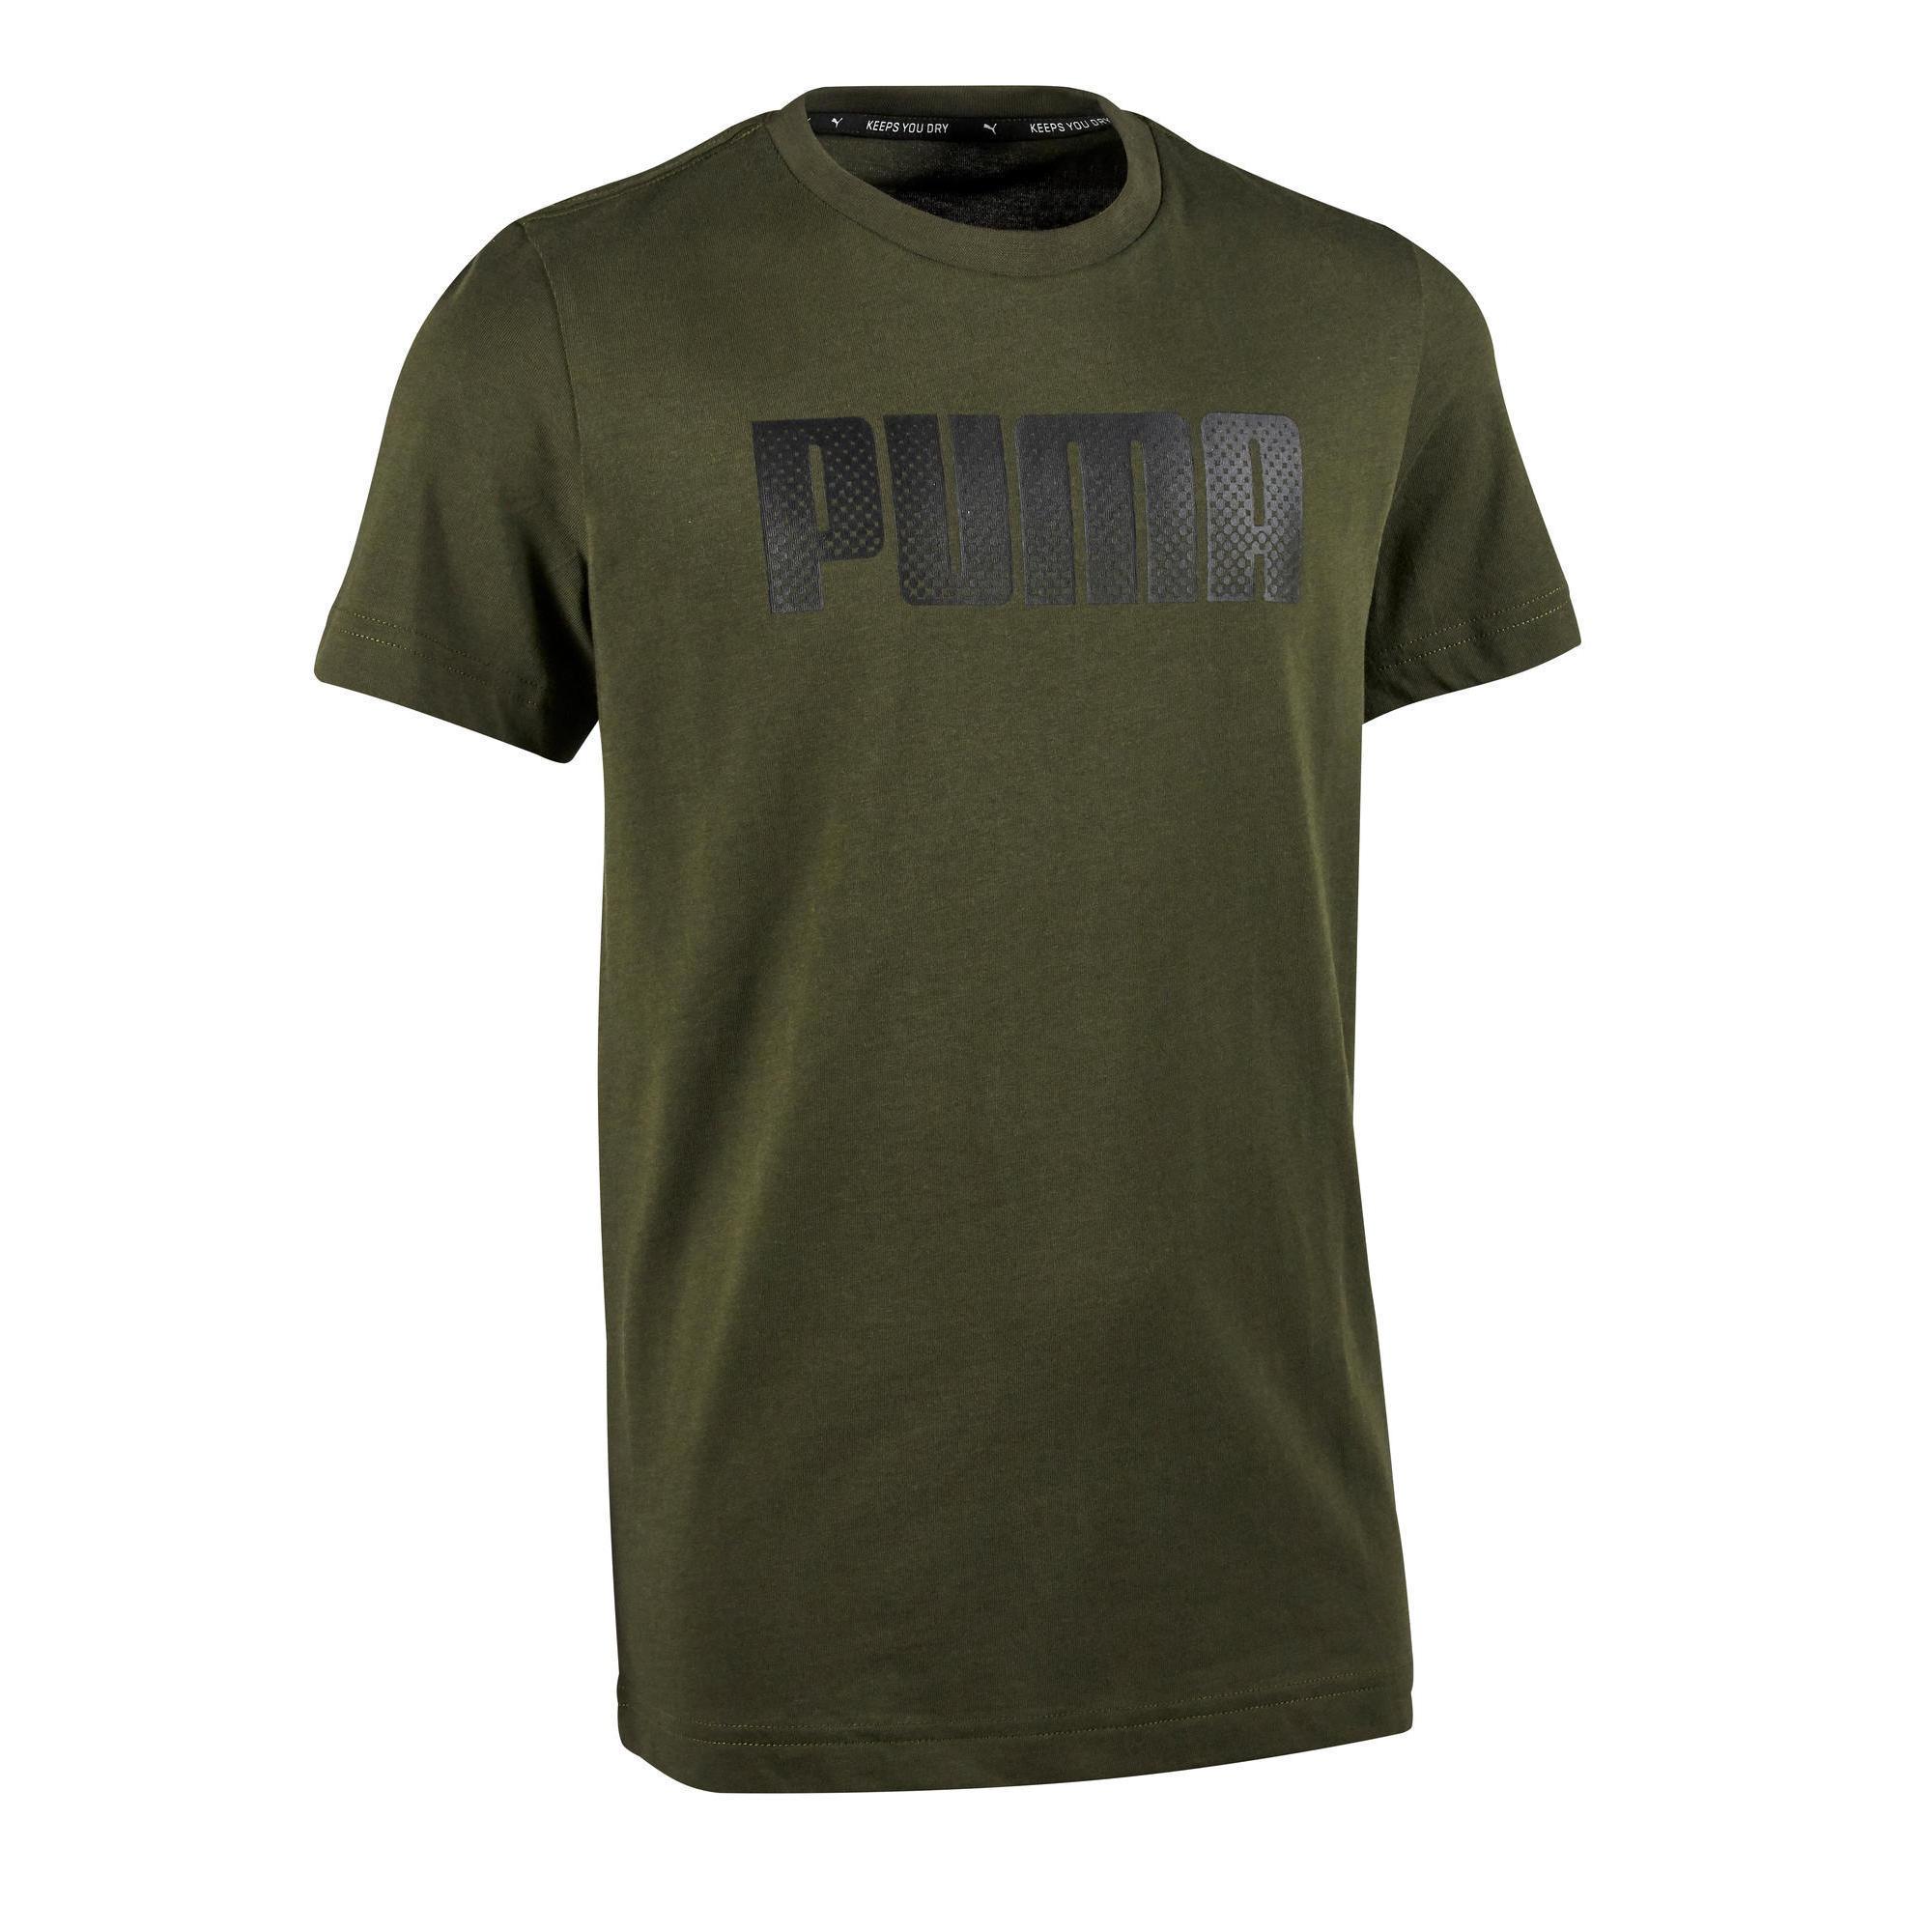 Puma Gym T-shirt met korte mouwen voor jongens kaki print